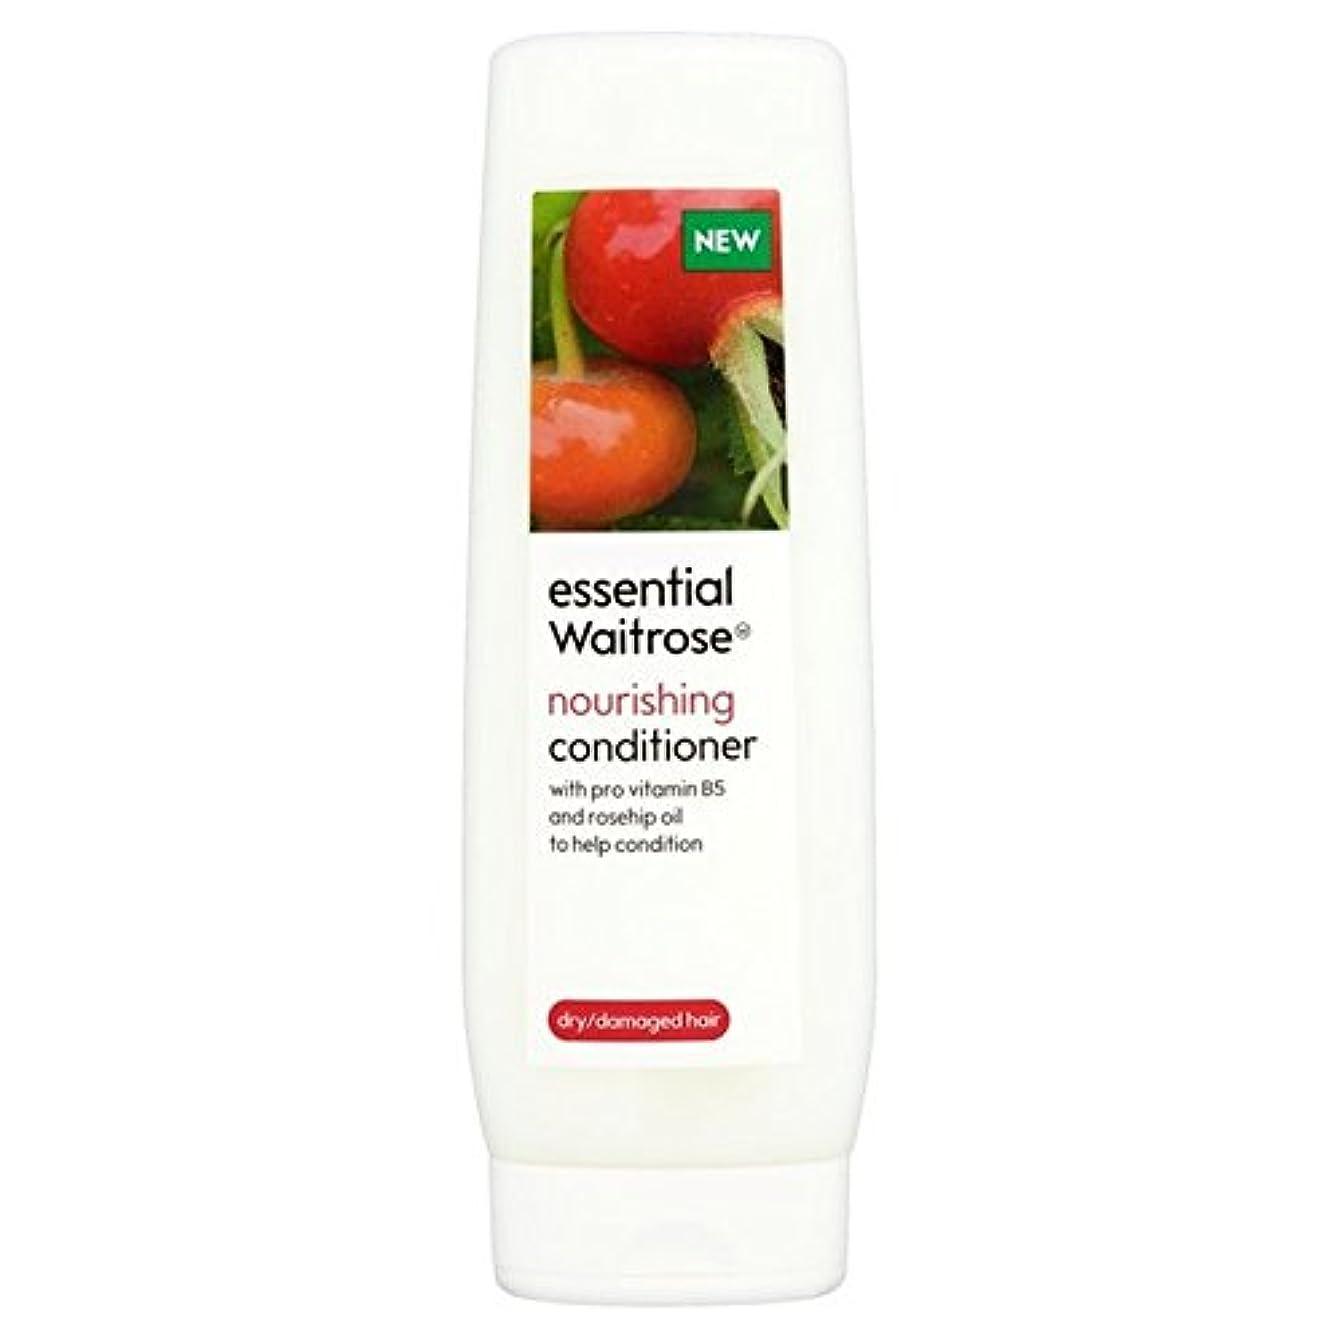 便利さ受付豆Conditioner for Dry & Damaged Hair essential Waitrose 300ml - ドライ&ダメージヘア不可欠ウェイトローズの300ミリリットルのためのコンディショナー [並行輸入品]